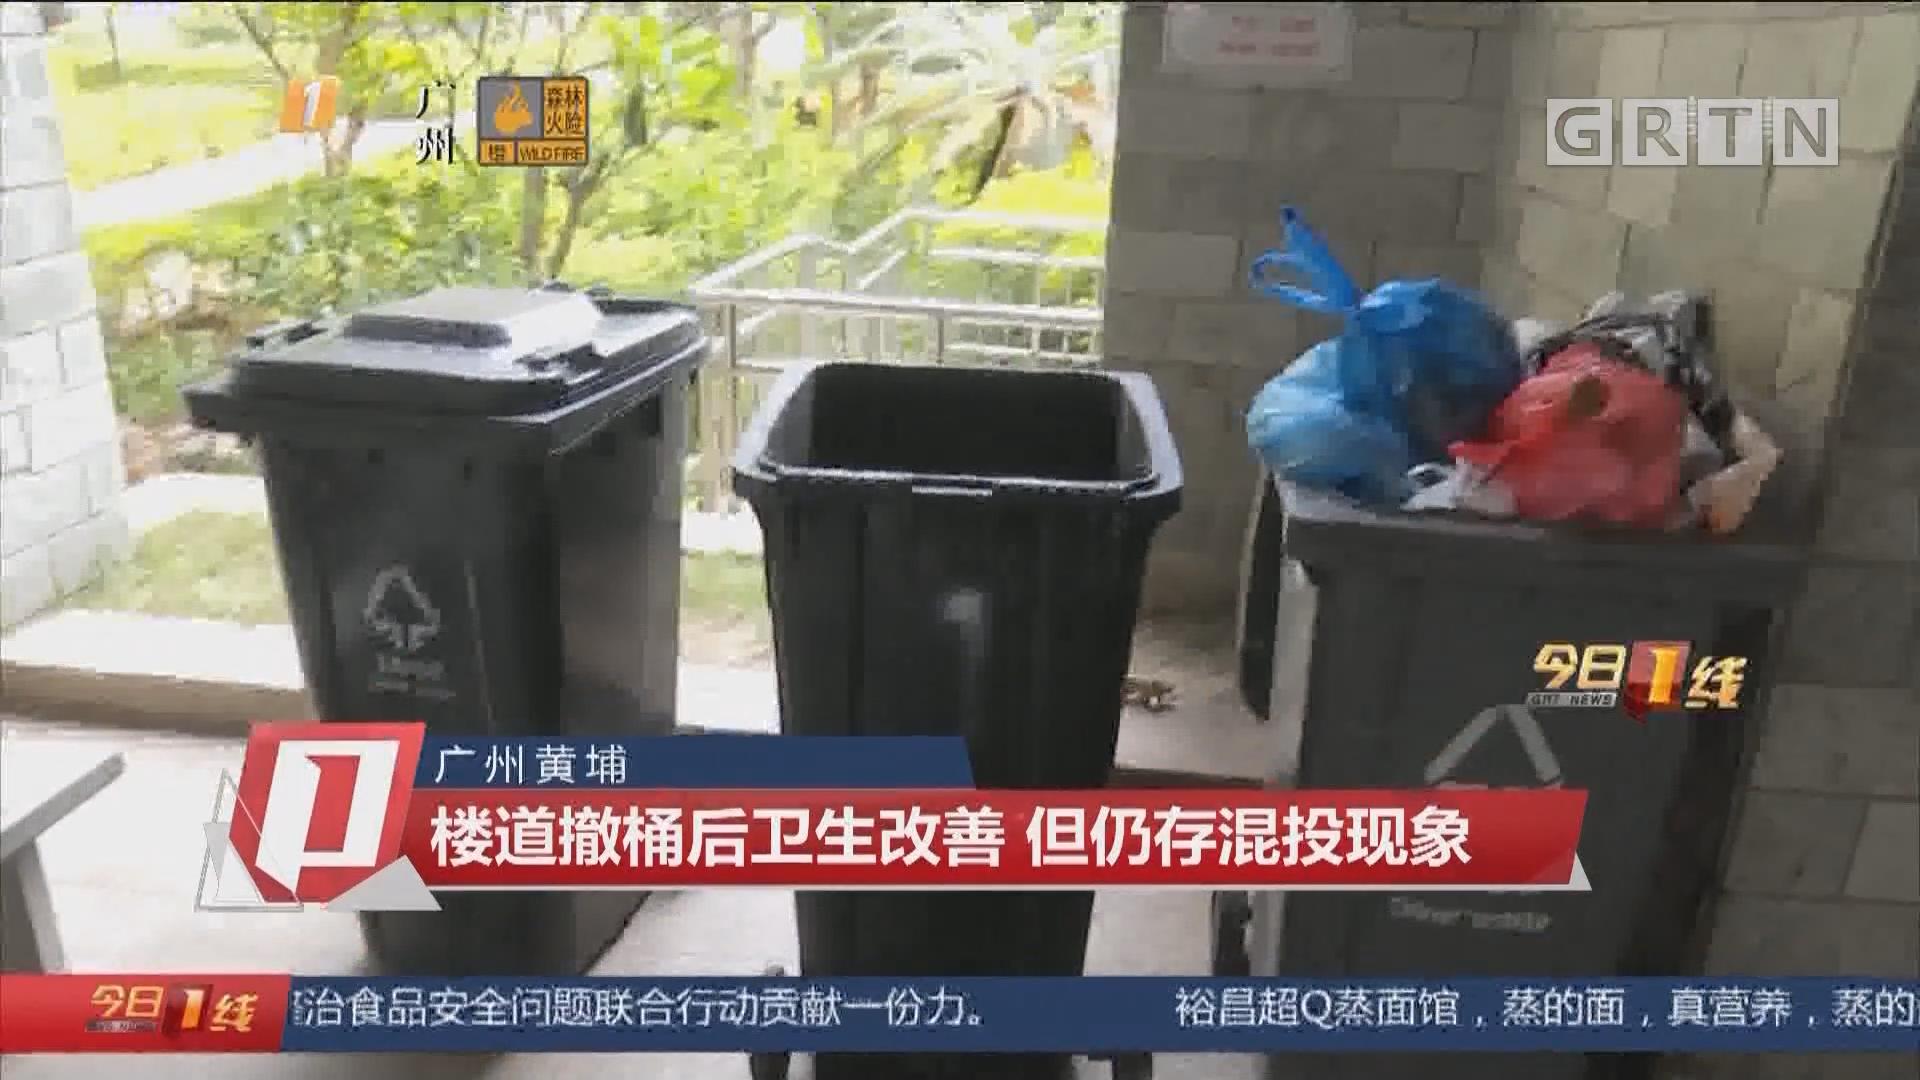 广州黄埔:楼道撤桶后卫生改善 但仍存混投现象